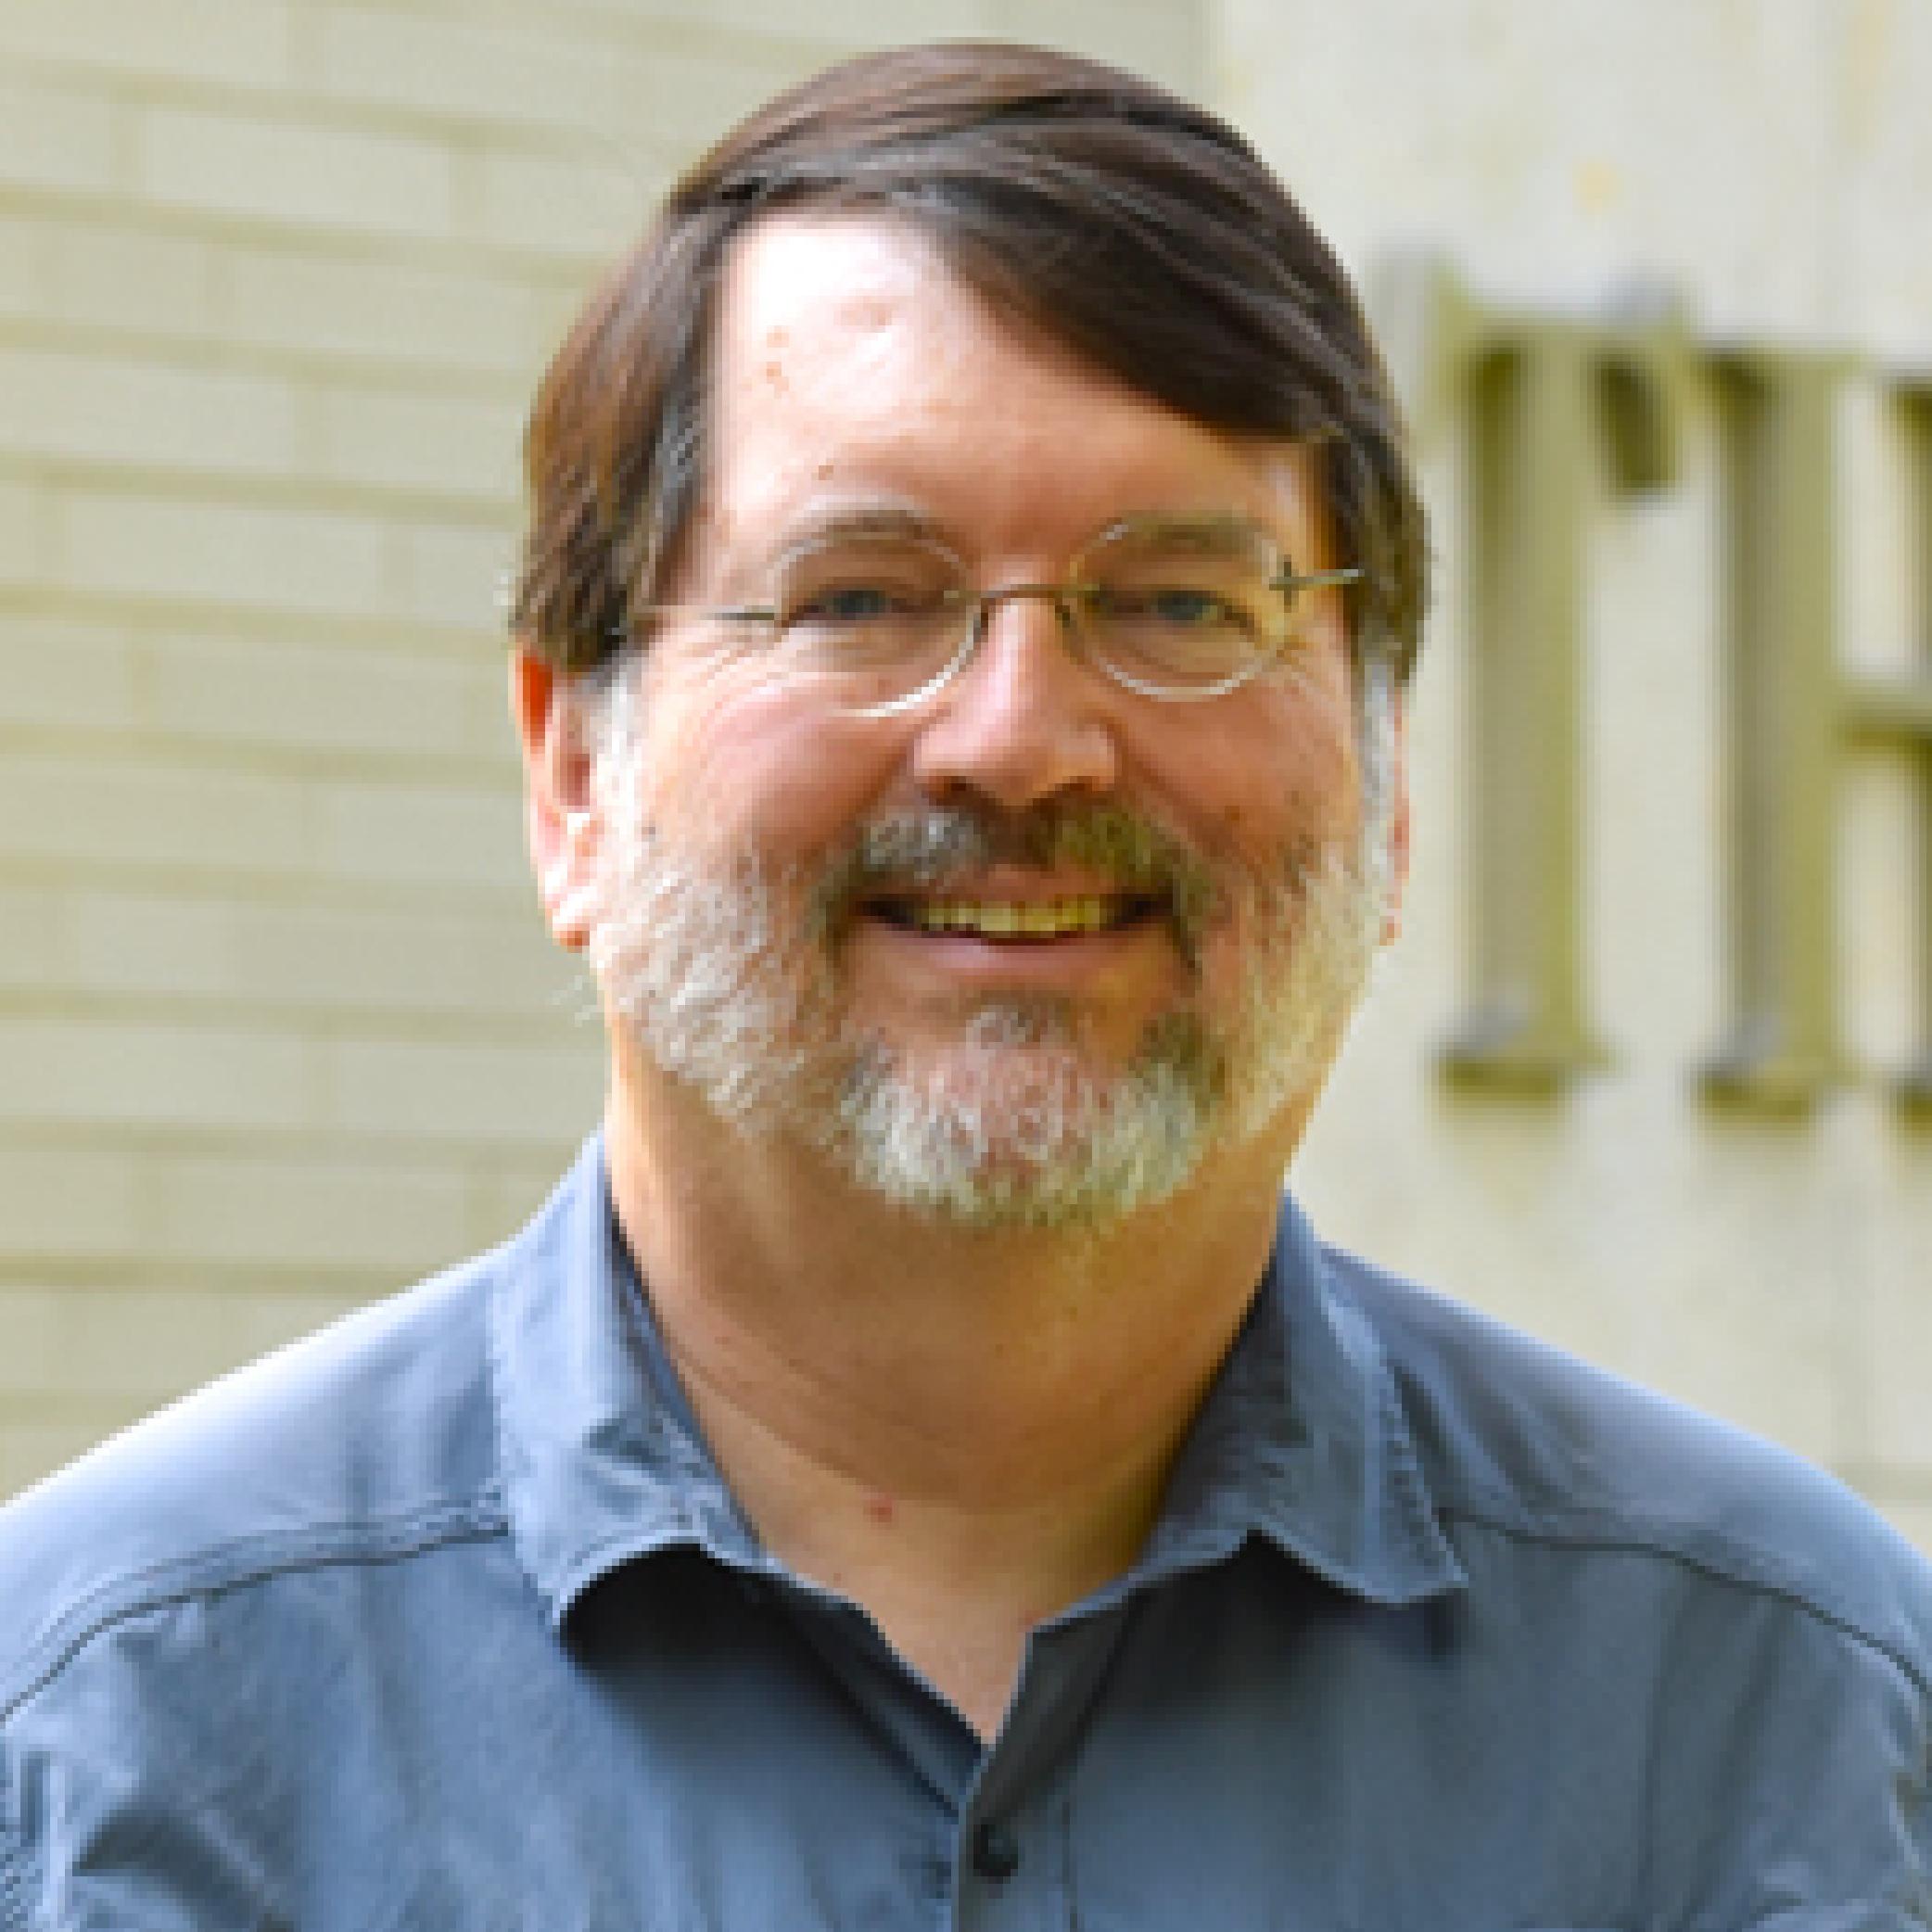 portrait of Michael Montgomery